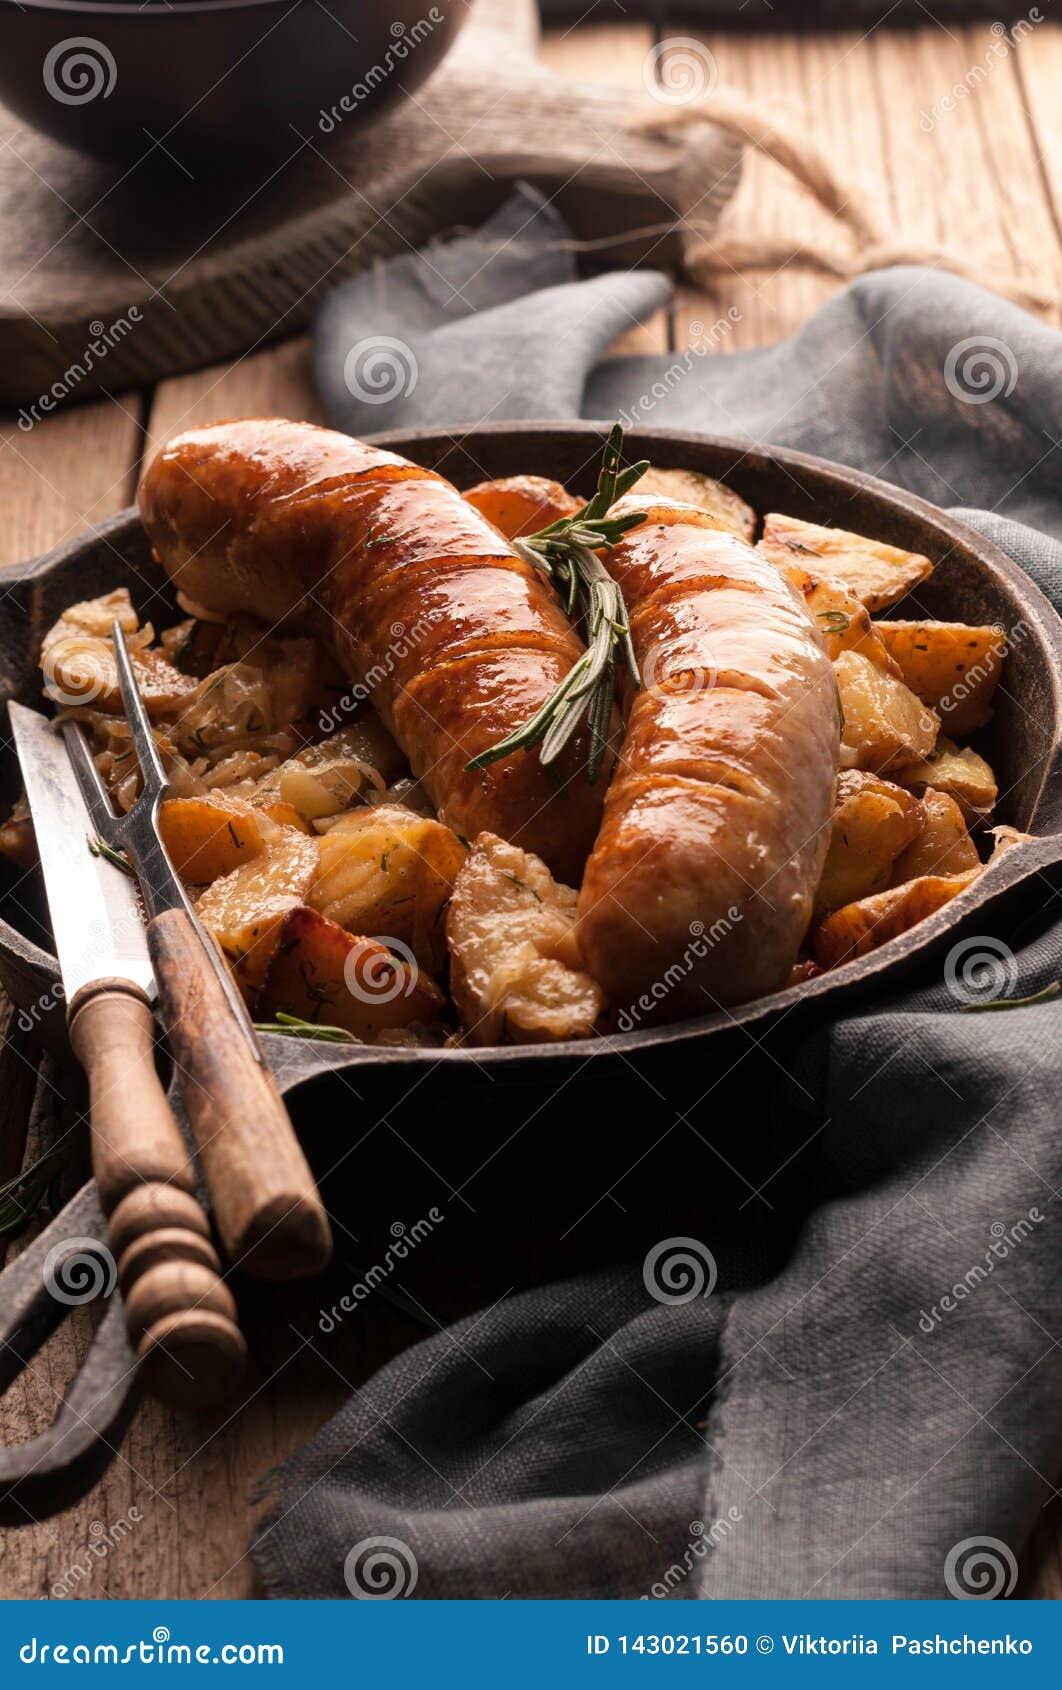 Gebratene Kartoffeln und gegrillte Würste in der Wanne mit Gabel, Messer, grauer Serviette und hackendem Brett